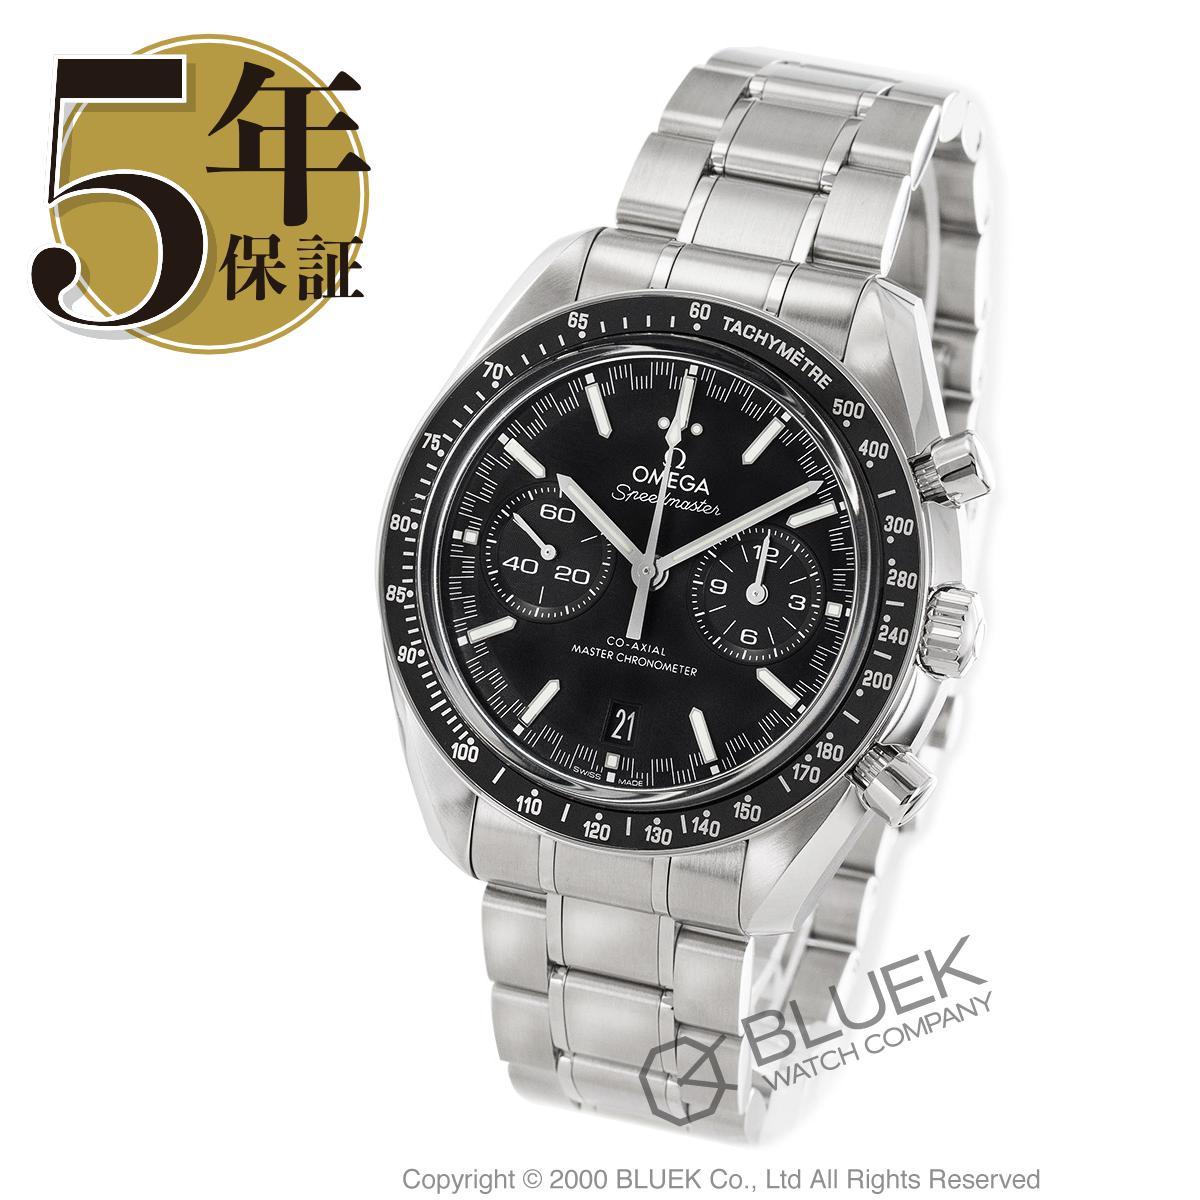 オメガ スピードマスター レーシング マスタークロノメーター クロノグラフ 腕時計 メンズ OMEGA 329.30.44.51.01.001_8